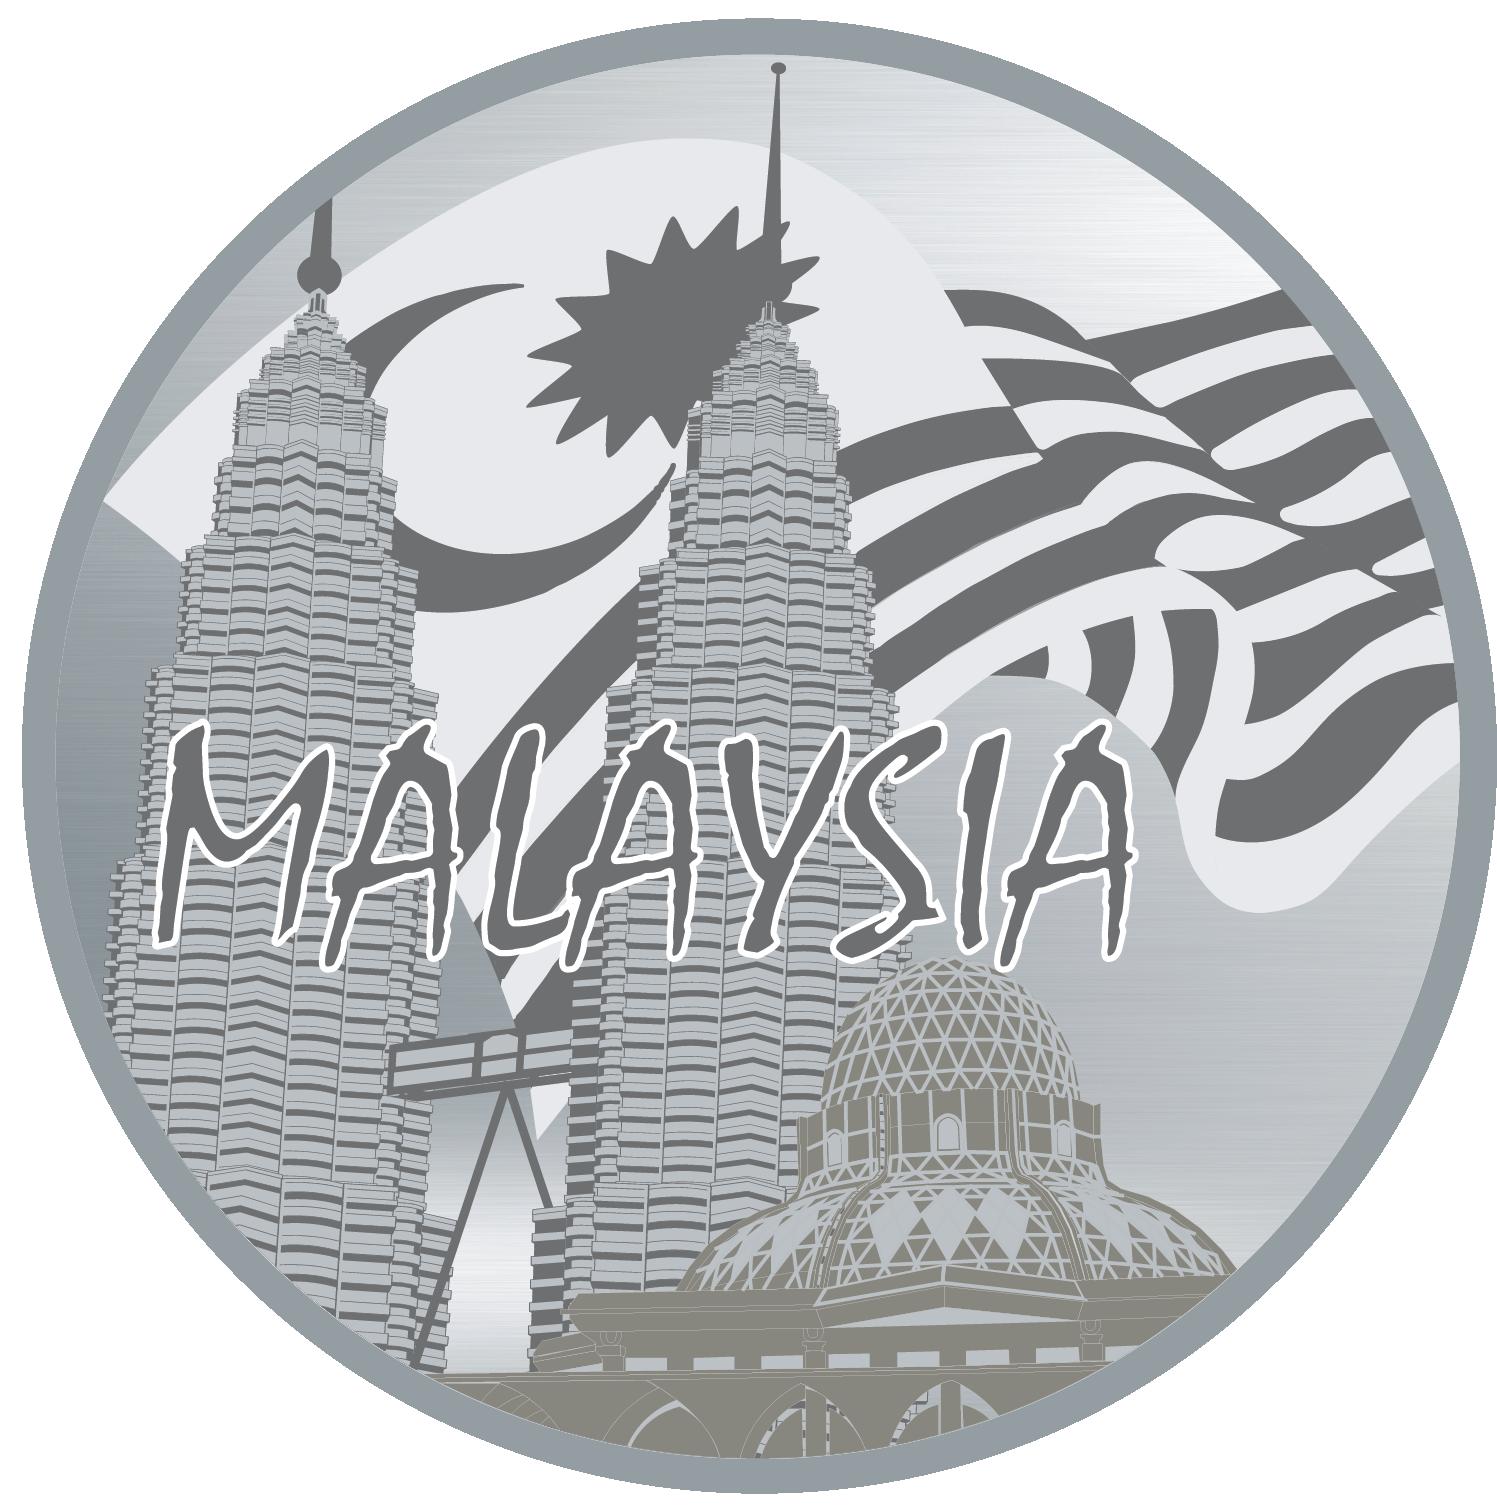 Coin clipart coin malaysia. Silver coins the sentral